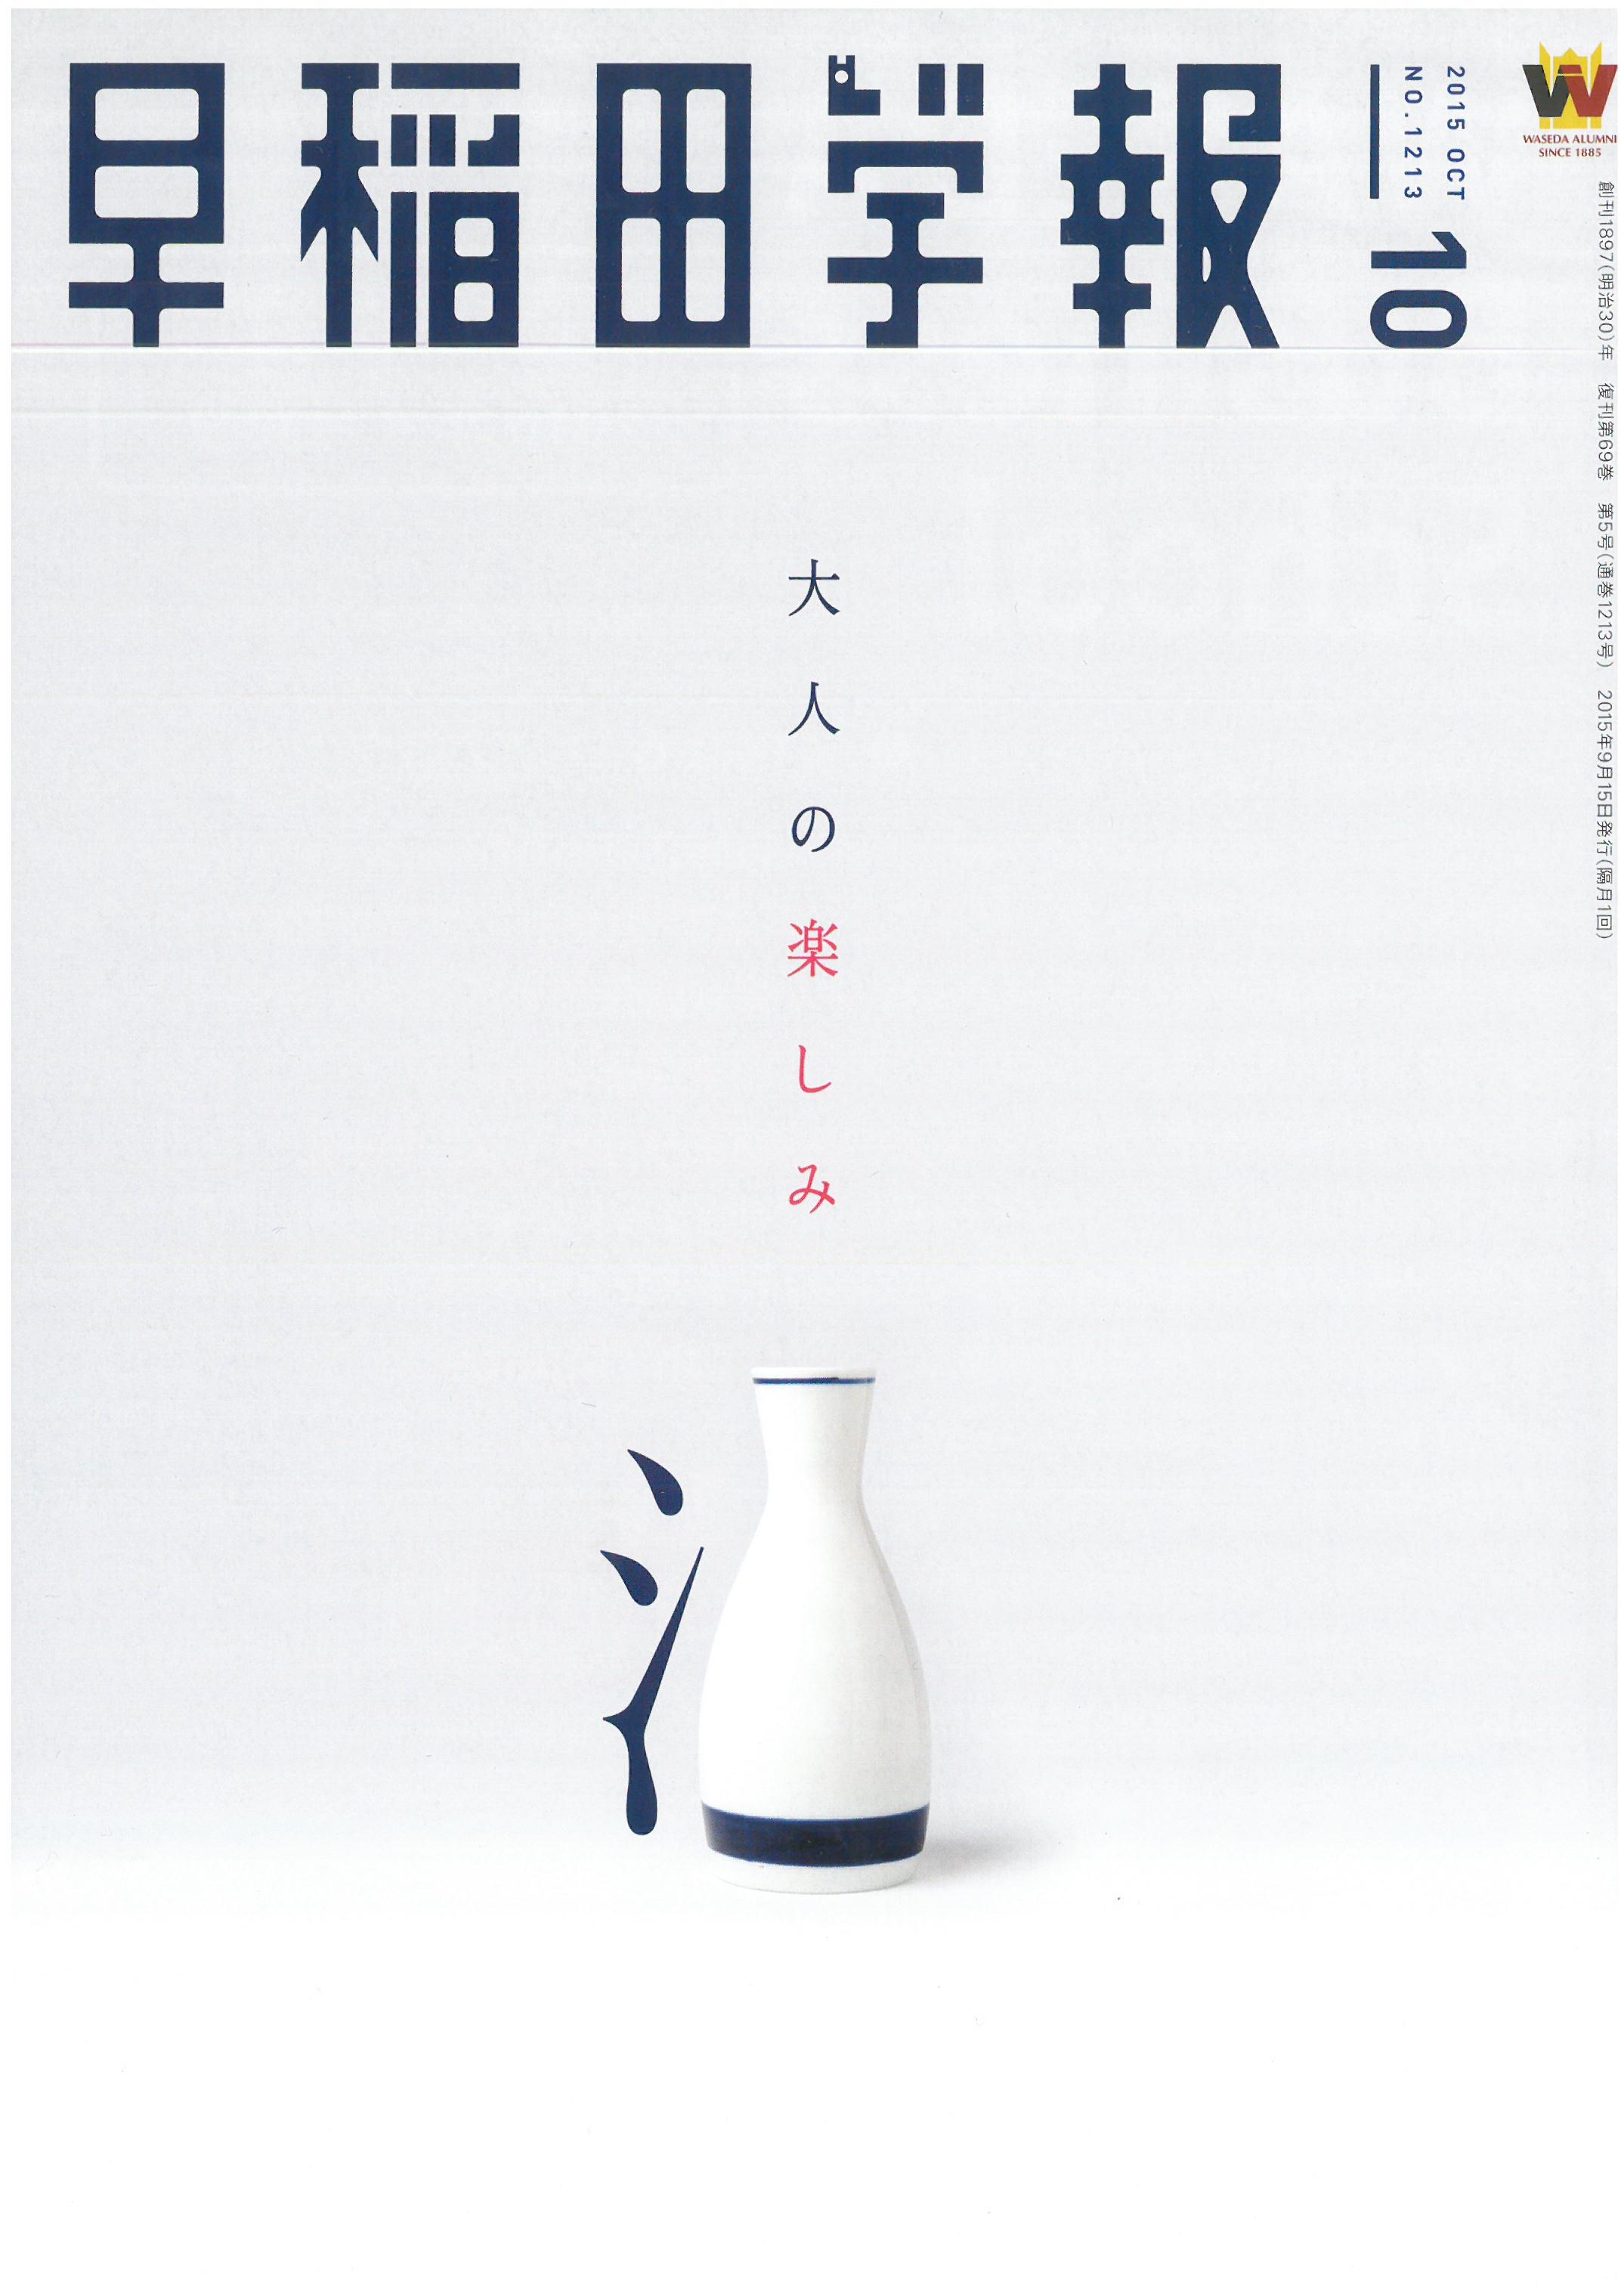 早稲田学報 2015年10月号